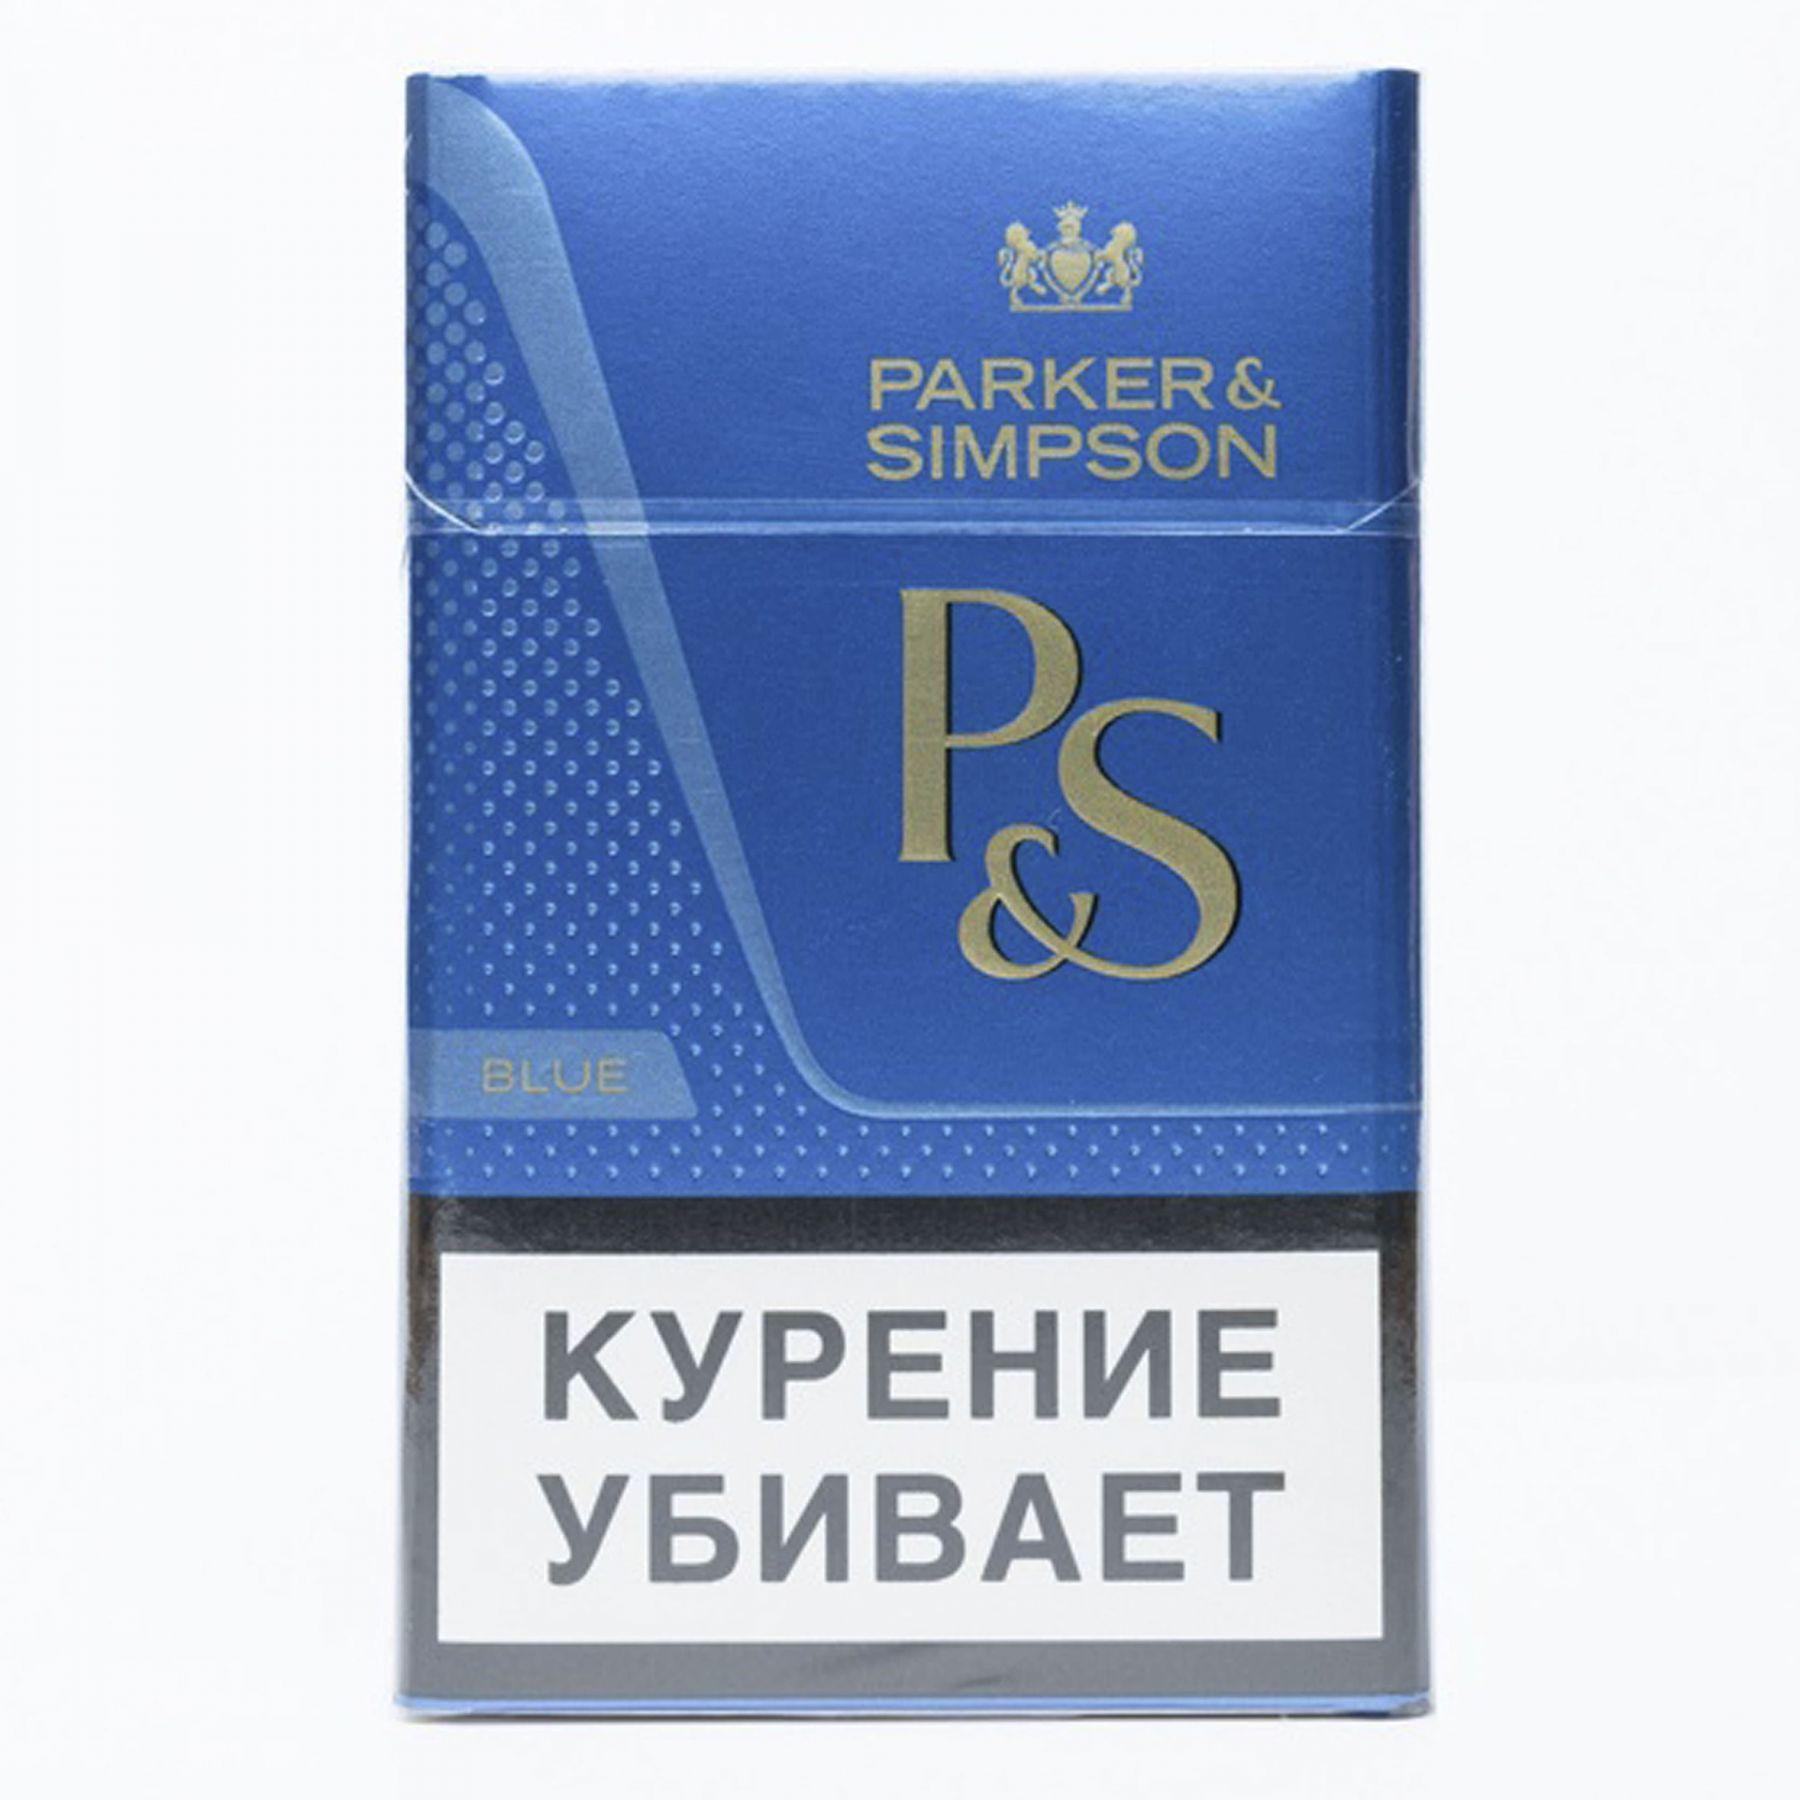 купить сигареты паркер и симпсон в спб